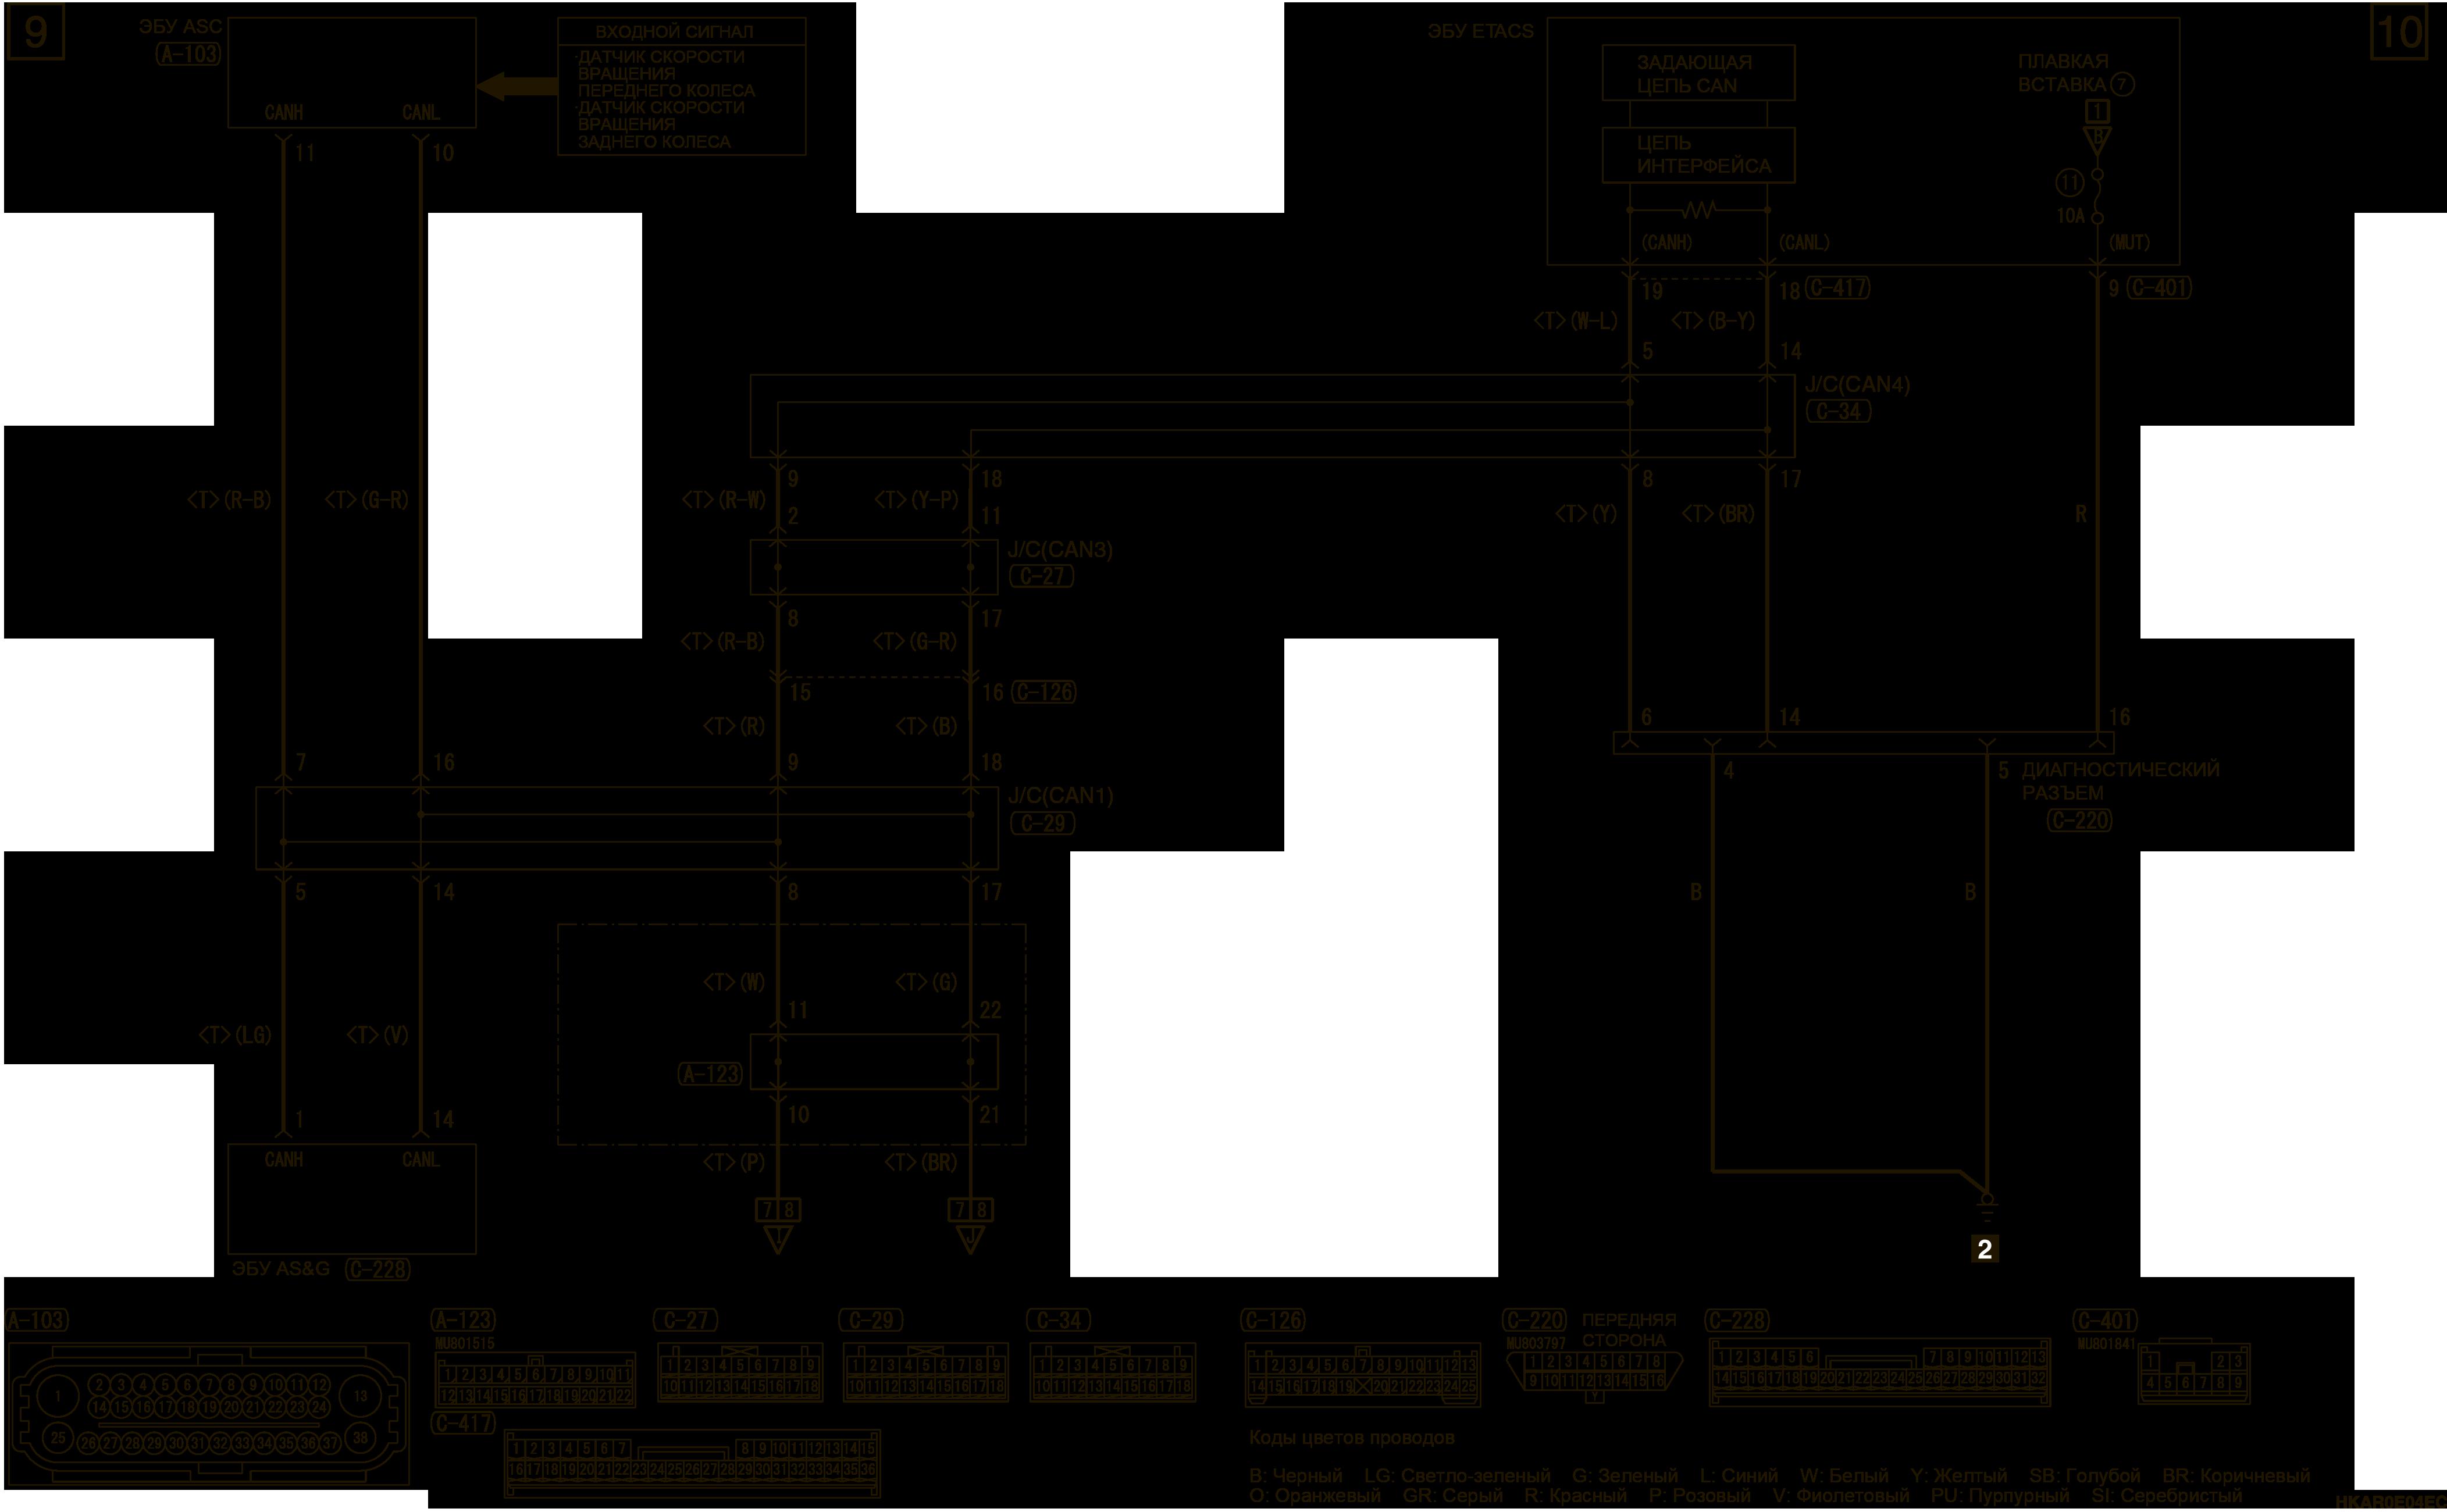 mmc аутлендер 3 2019 электросхемаСИСТЕМА ЗАПУСКА ДВИГАТЕЛЯ ОДНИМ КАСАНИЕМ (OSS) ПРАВОСТОРОННЕЕ УПРАВЛЕНИЕ